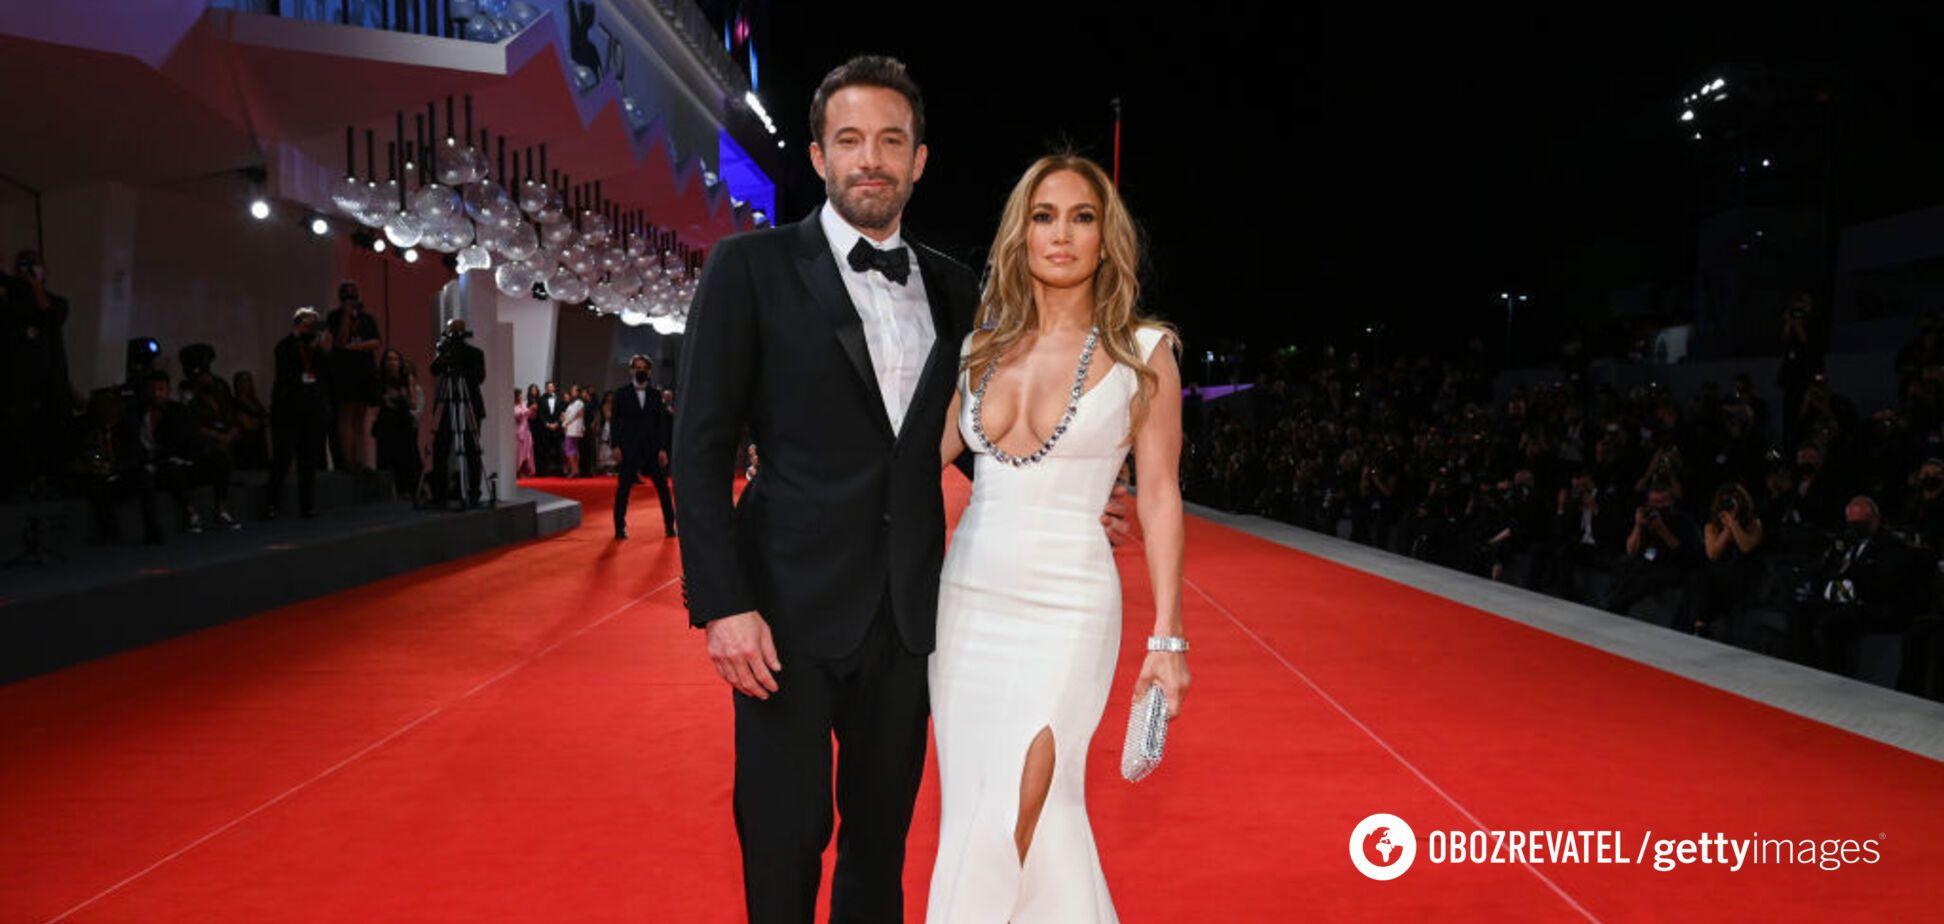 Дженнифер Лопес и Бен Аффлек впервые вышли на публику как пара. Фото